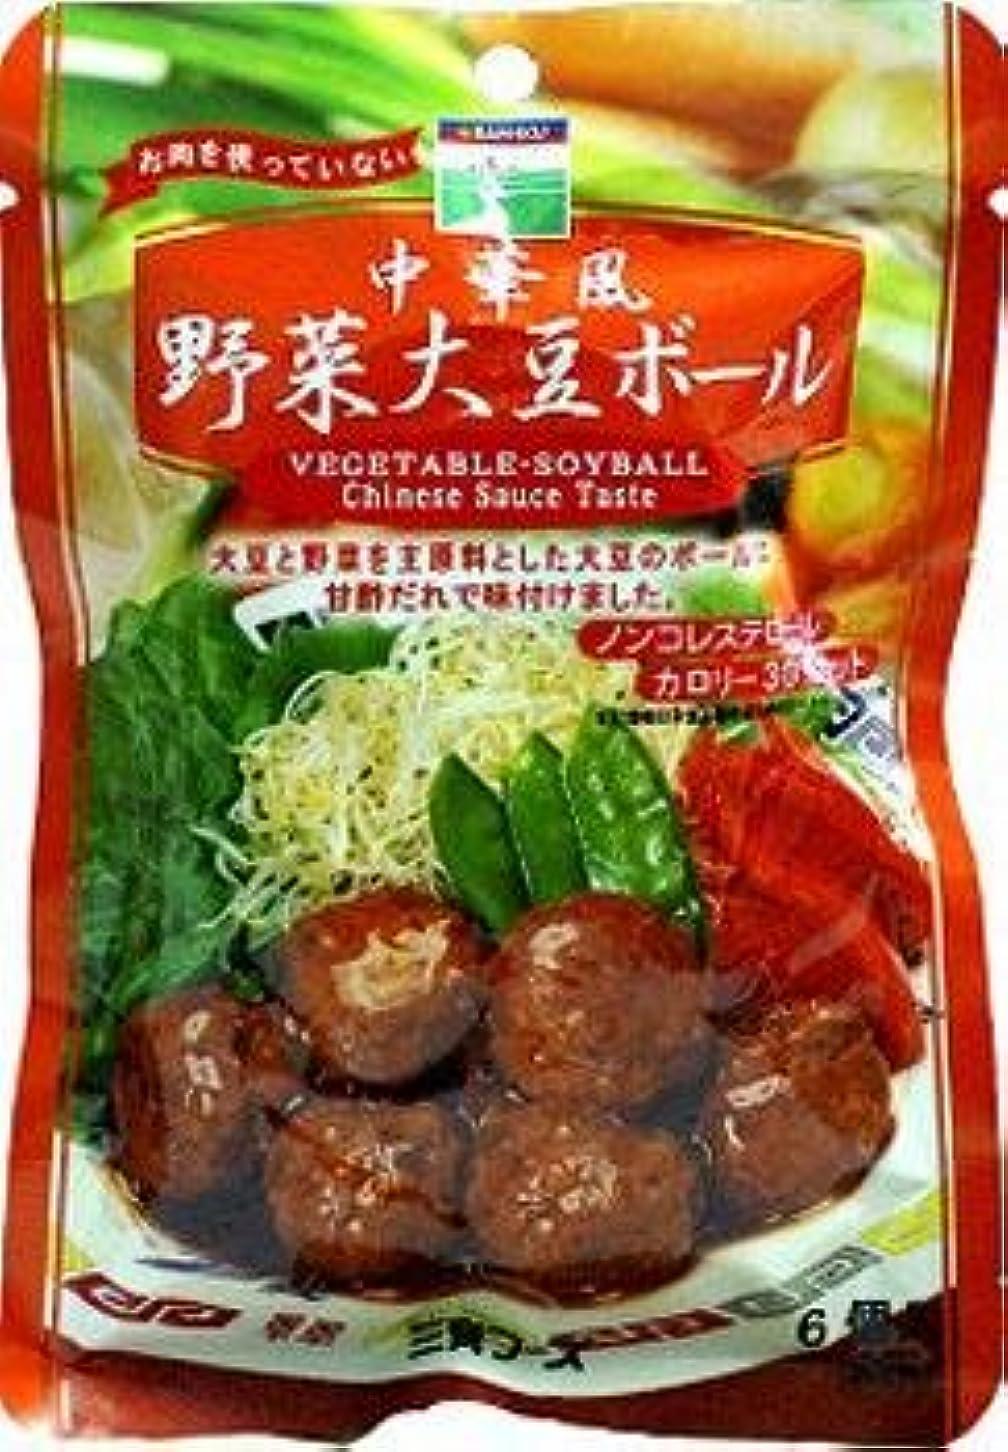 アイロニー極めてお父さん飲食品 お勧め 口コミ 中華風野菜大豆ボール?完熟トマトソース野菜大豆ボール?和風野菜大豆ボール×各8個セット